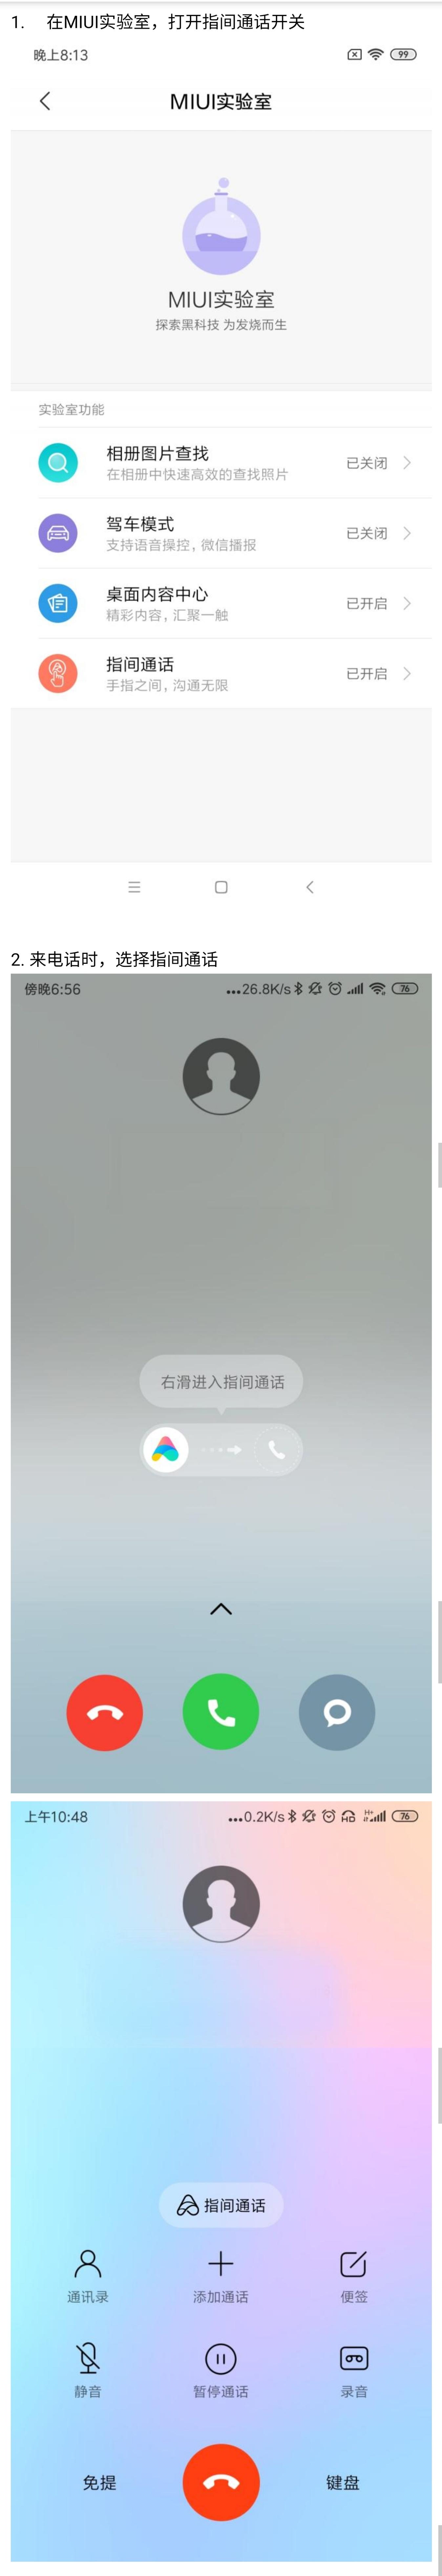 MIUI 11新功能曝光:打电话超方便